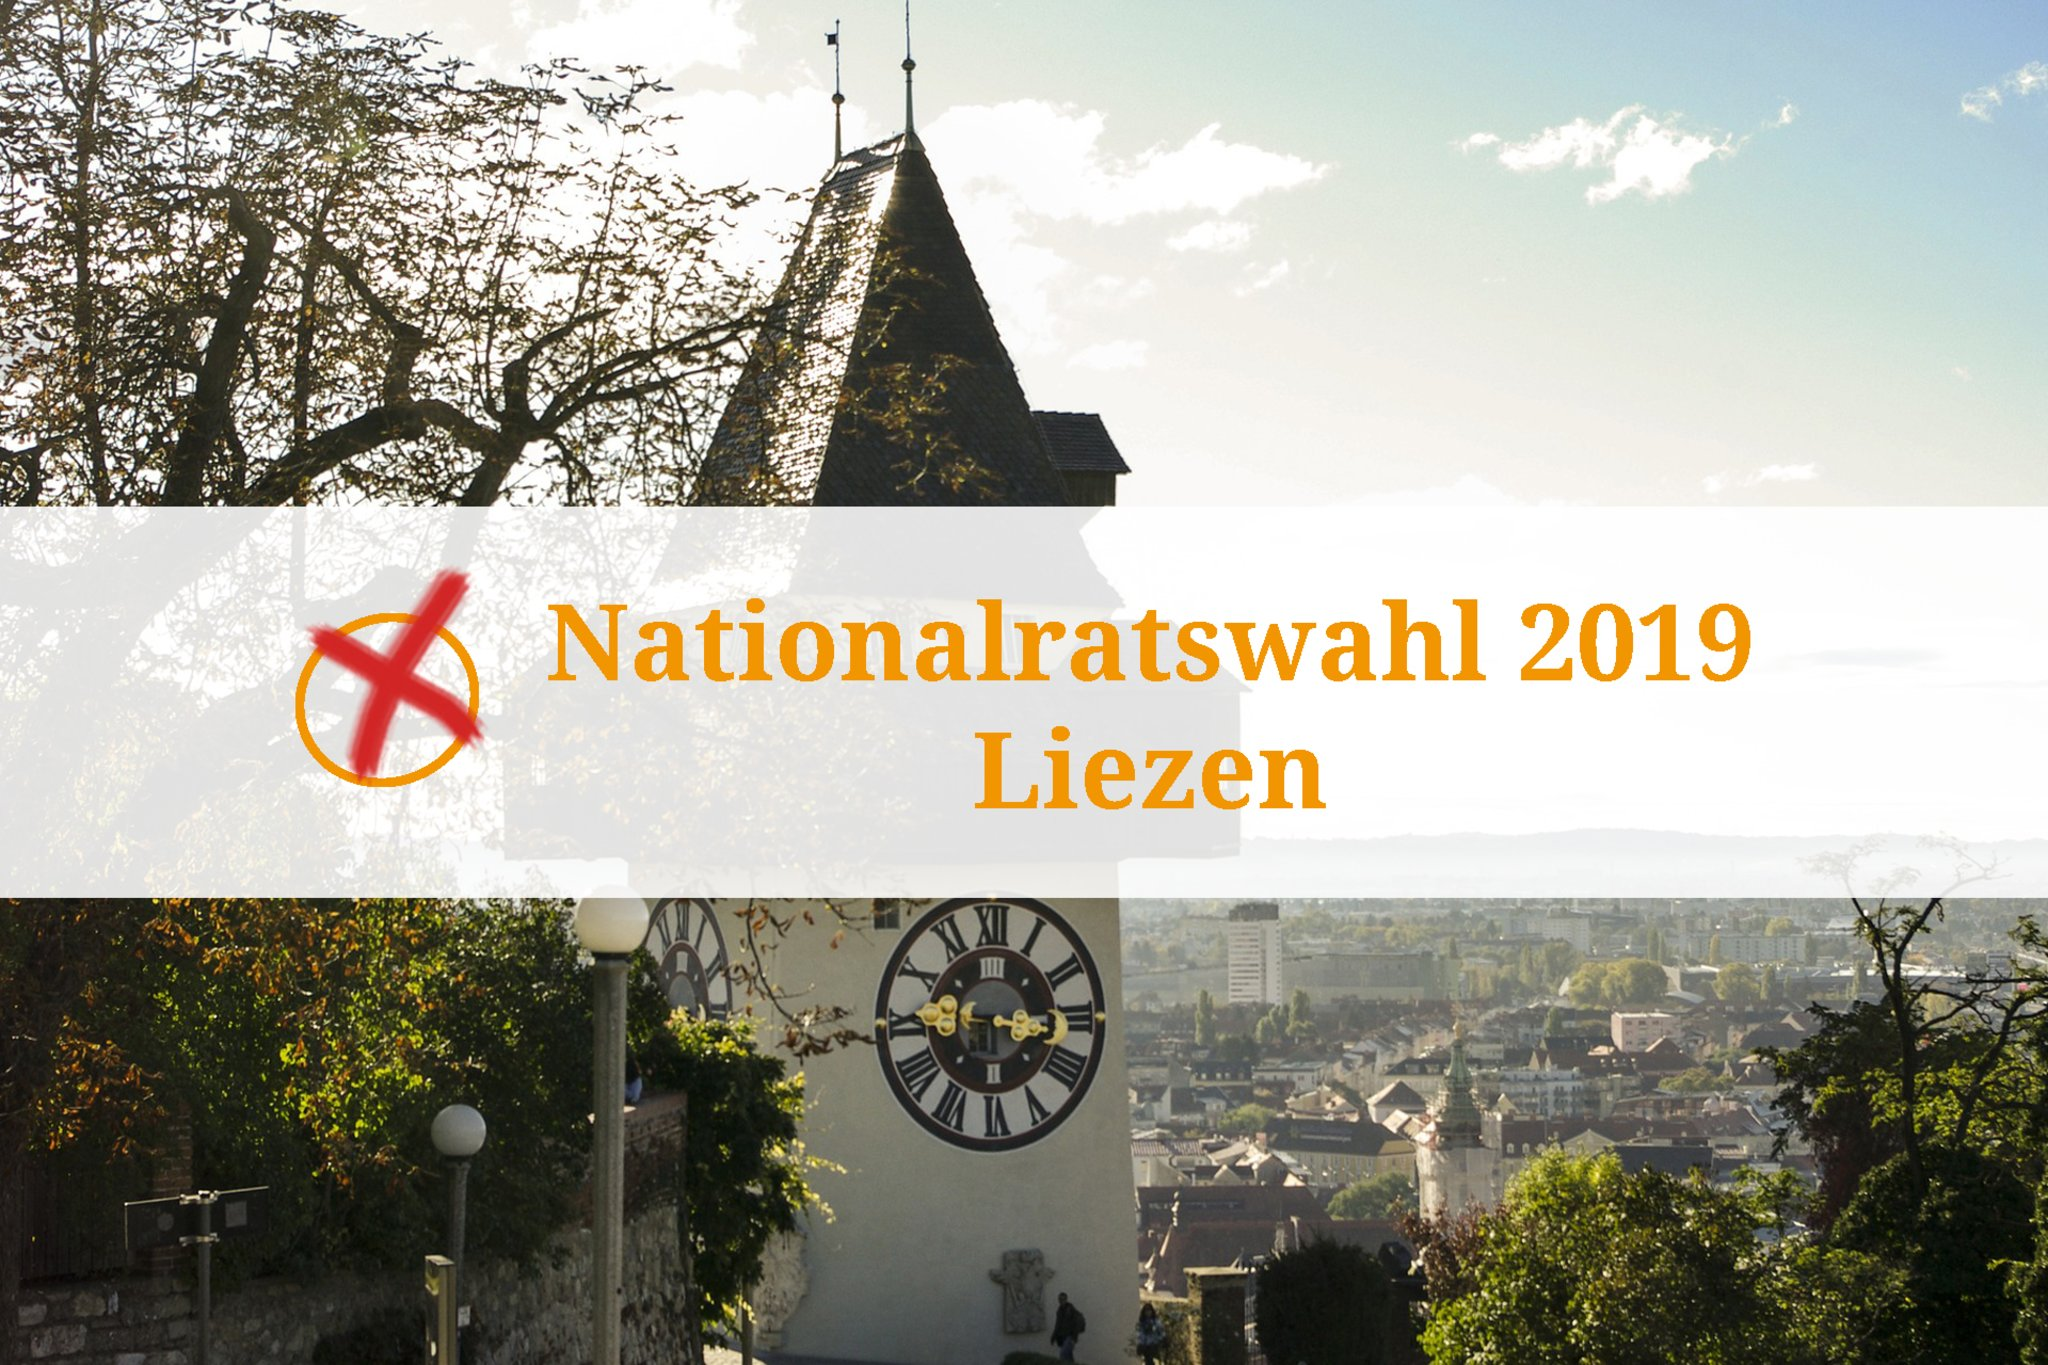 Loosdorf kostenlos flirten, Pichl bei wels exklusive